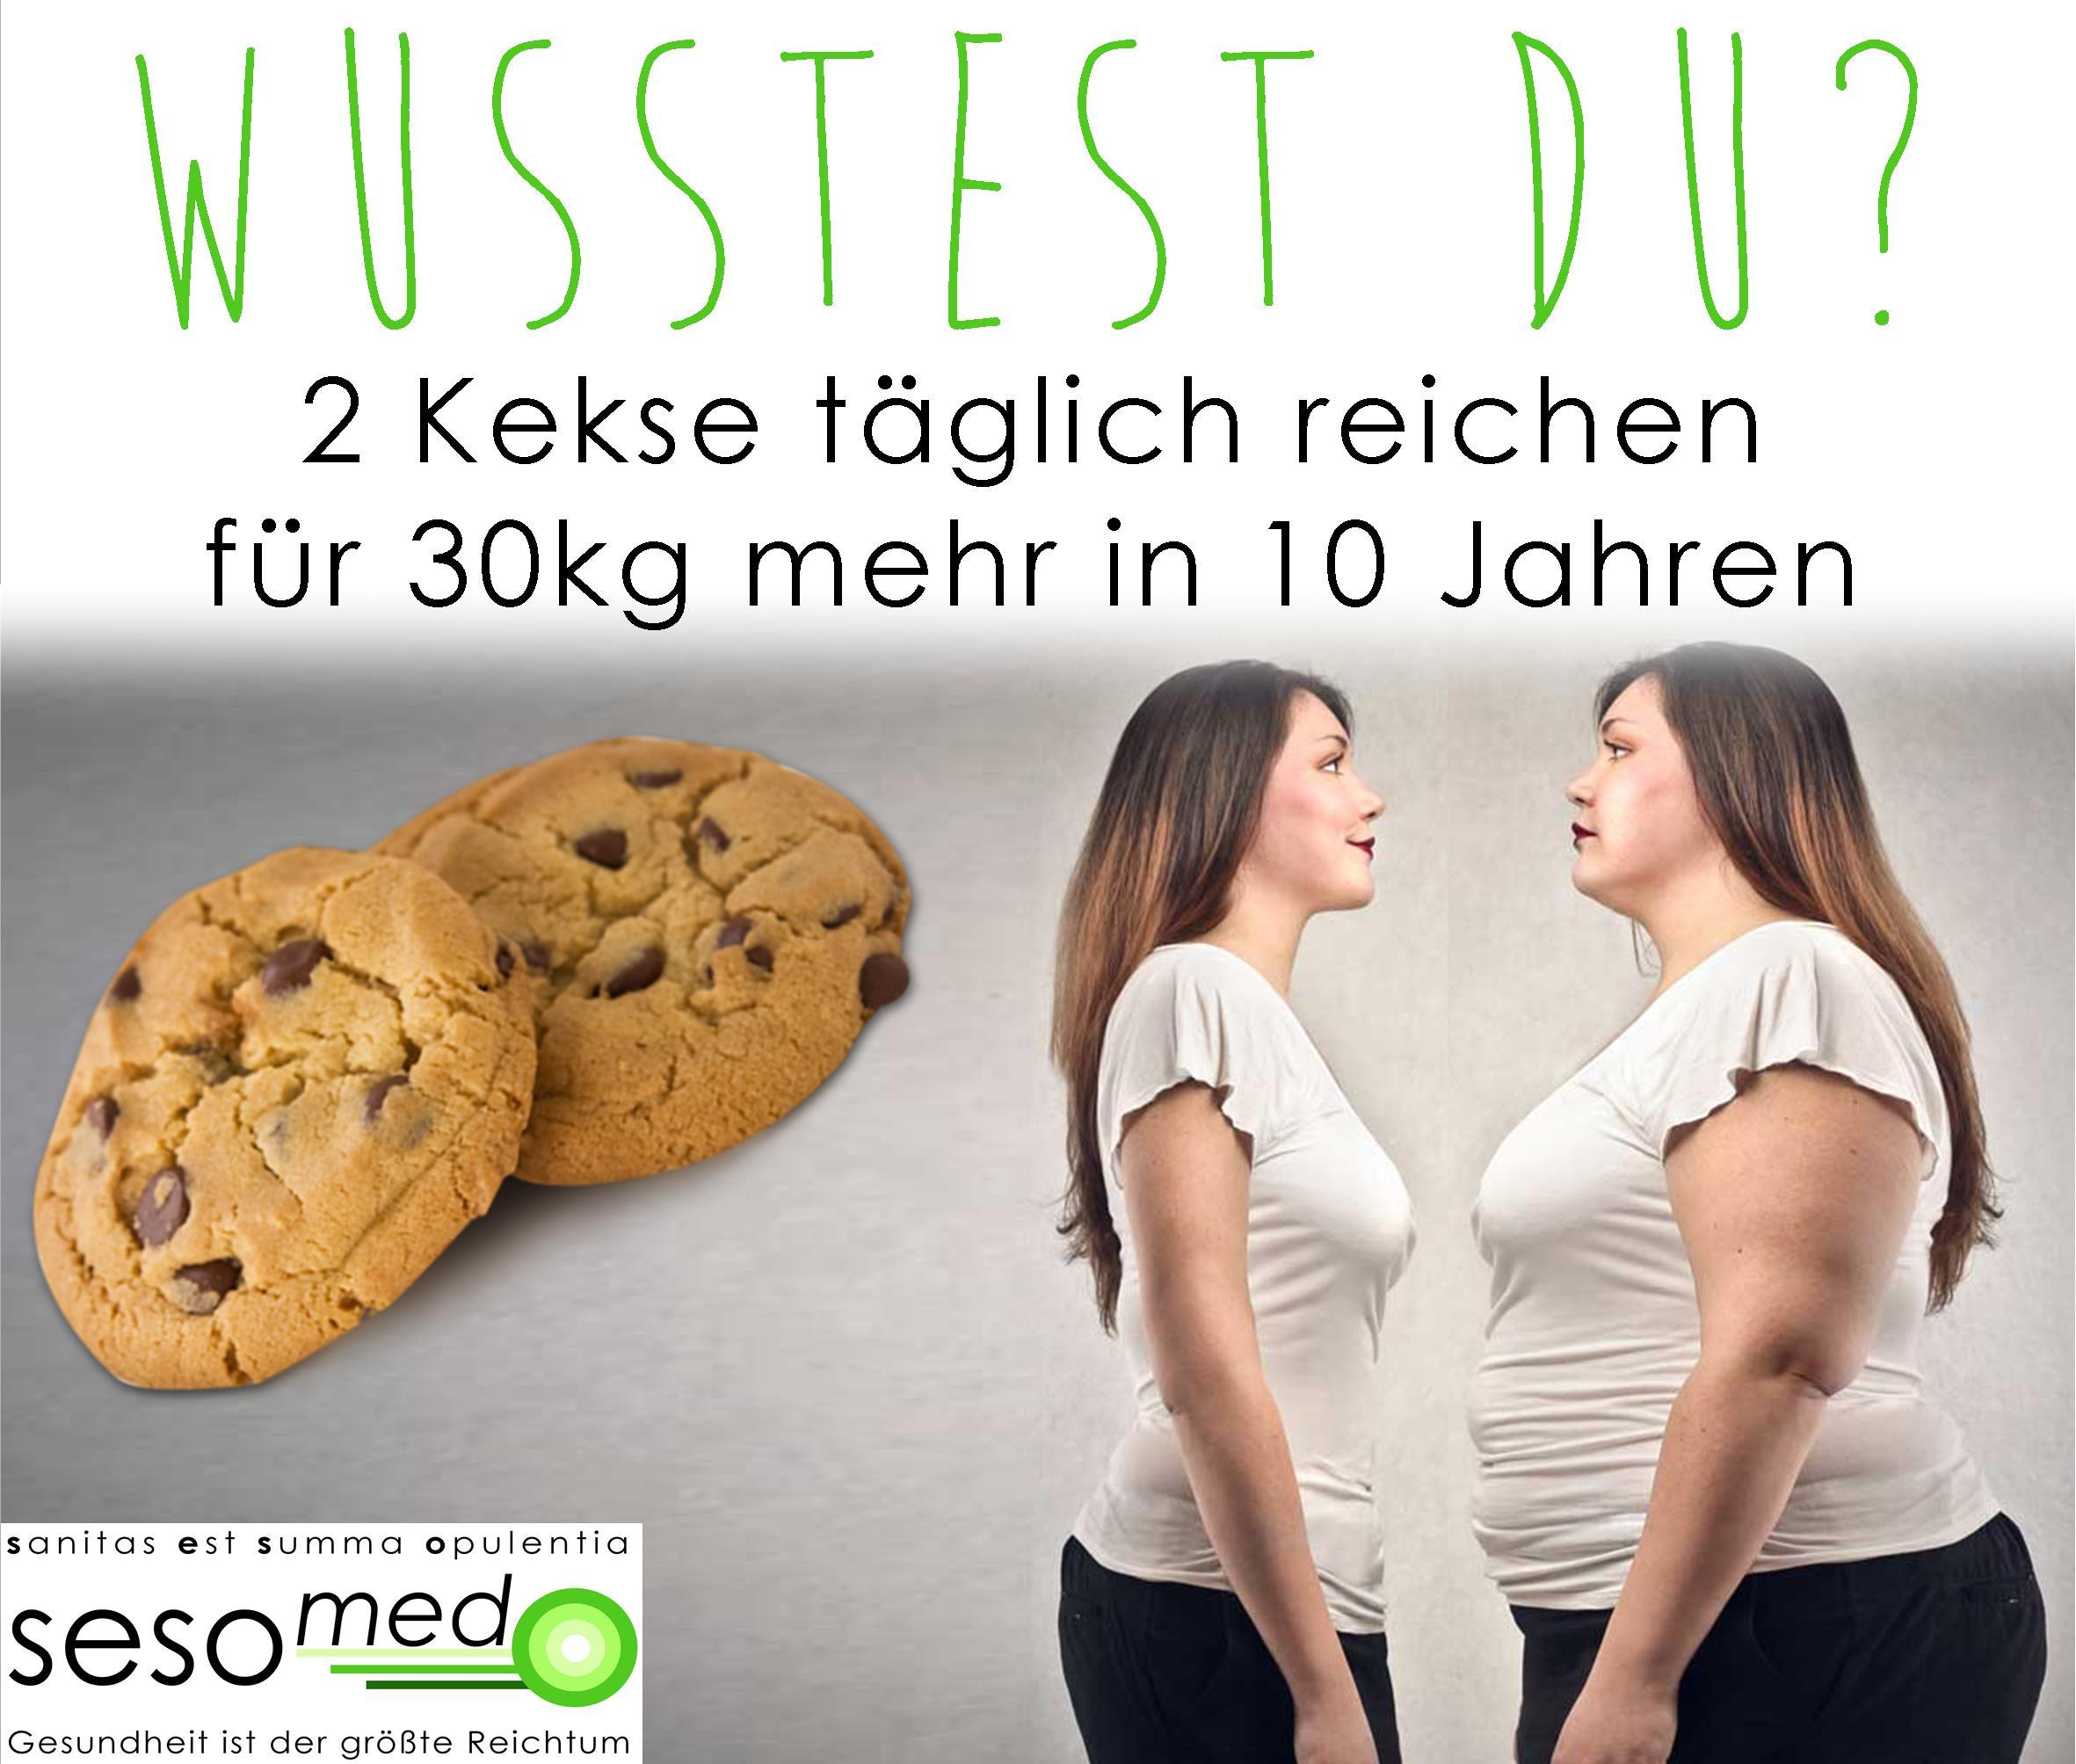 VORSICHT – 30 Kilogramm mehr in 10 Jahren